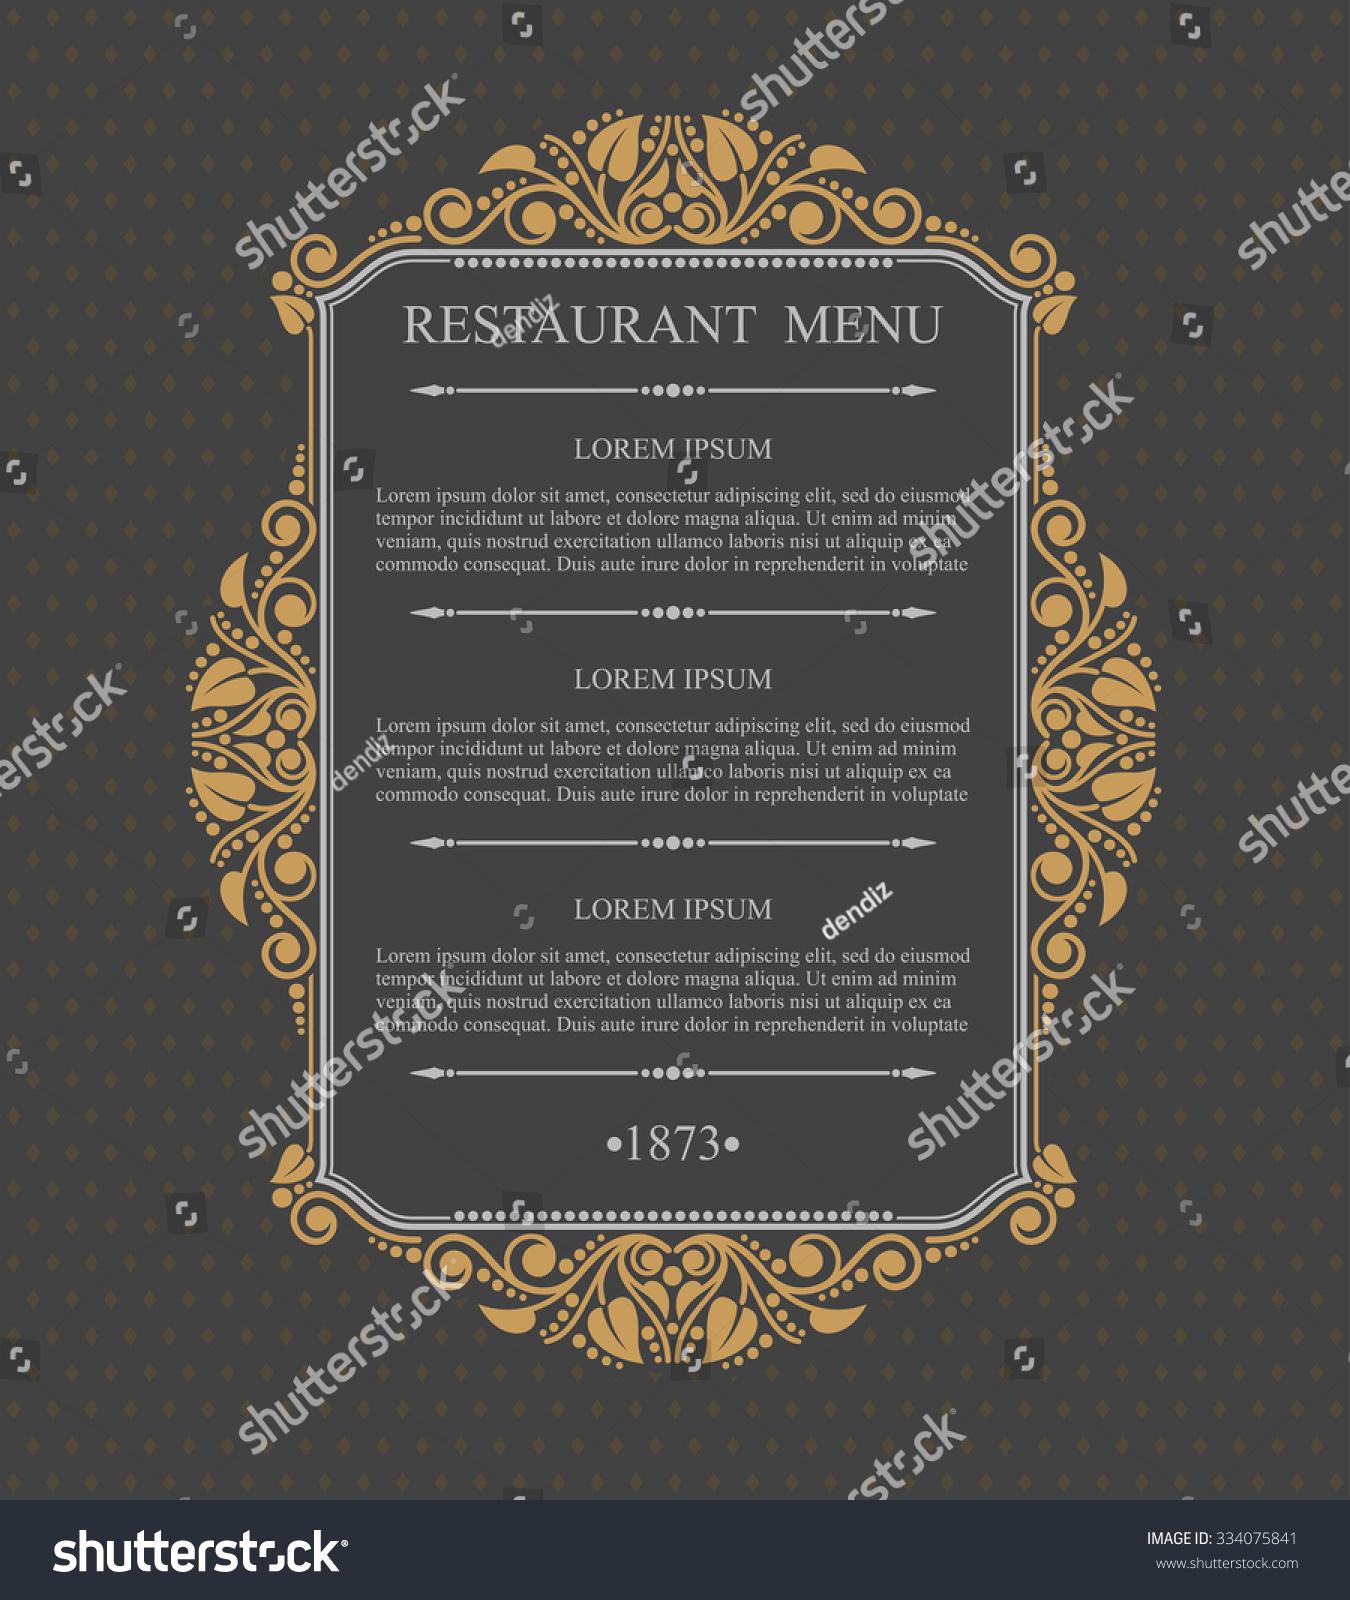 Retro restaurant menu typographic design elements stock